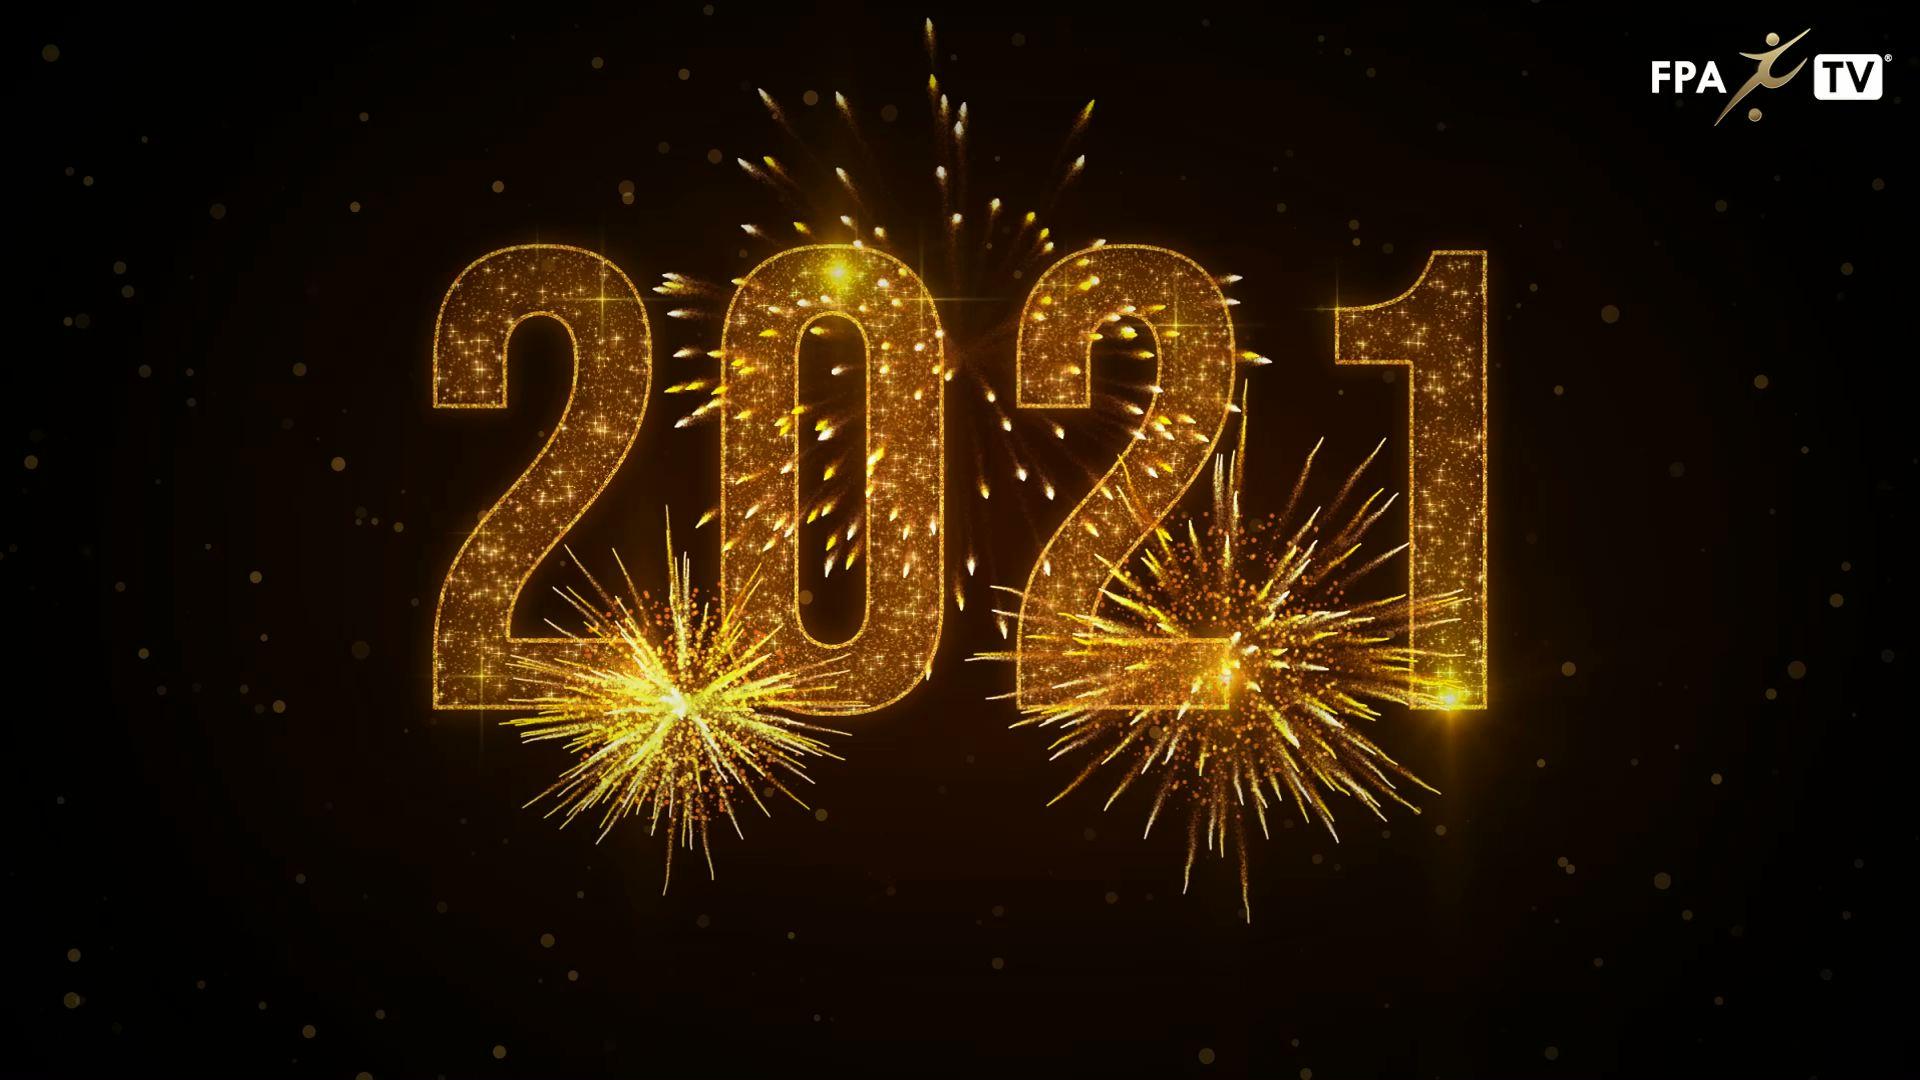 Feliz ano novo! 2021